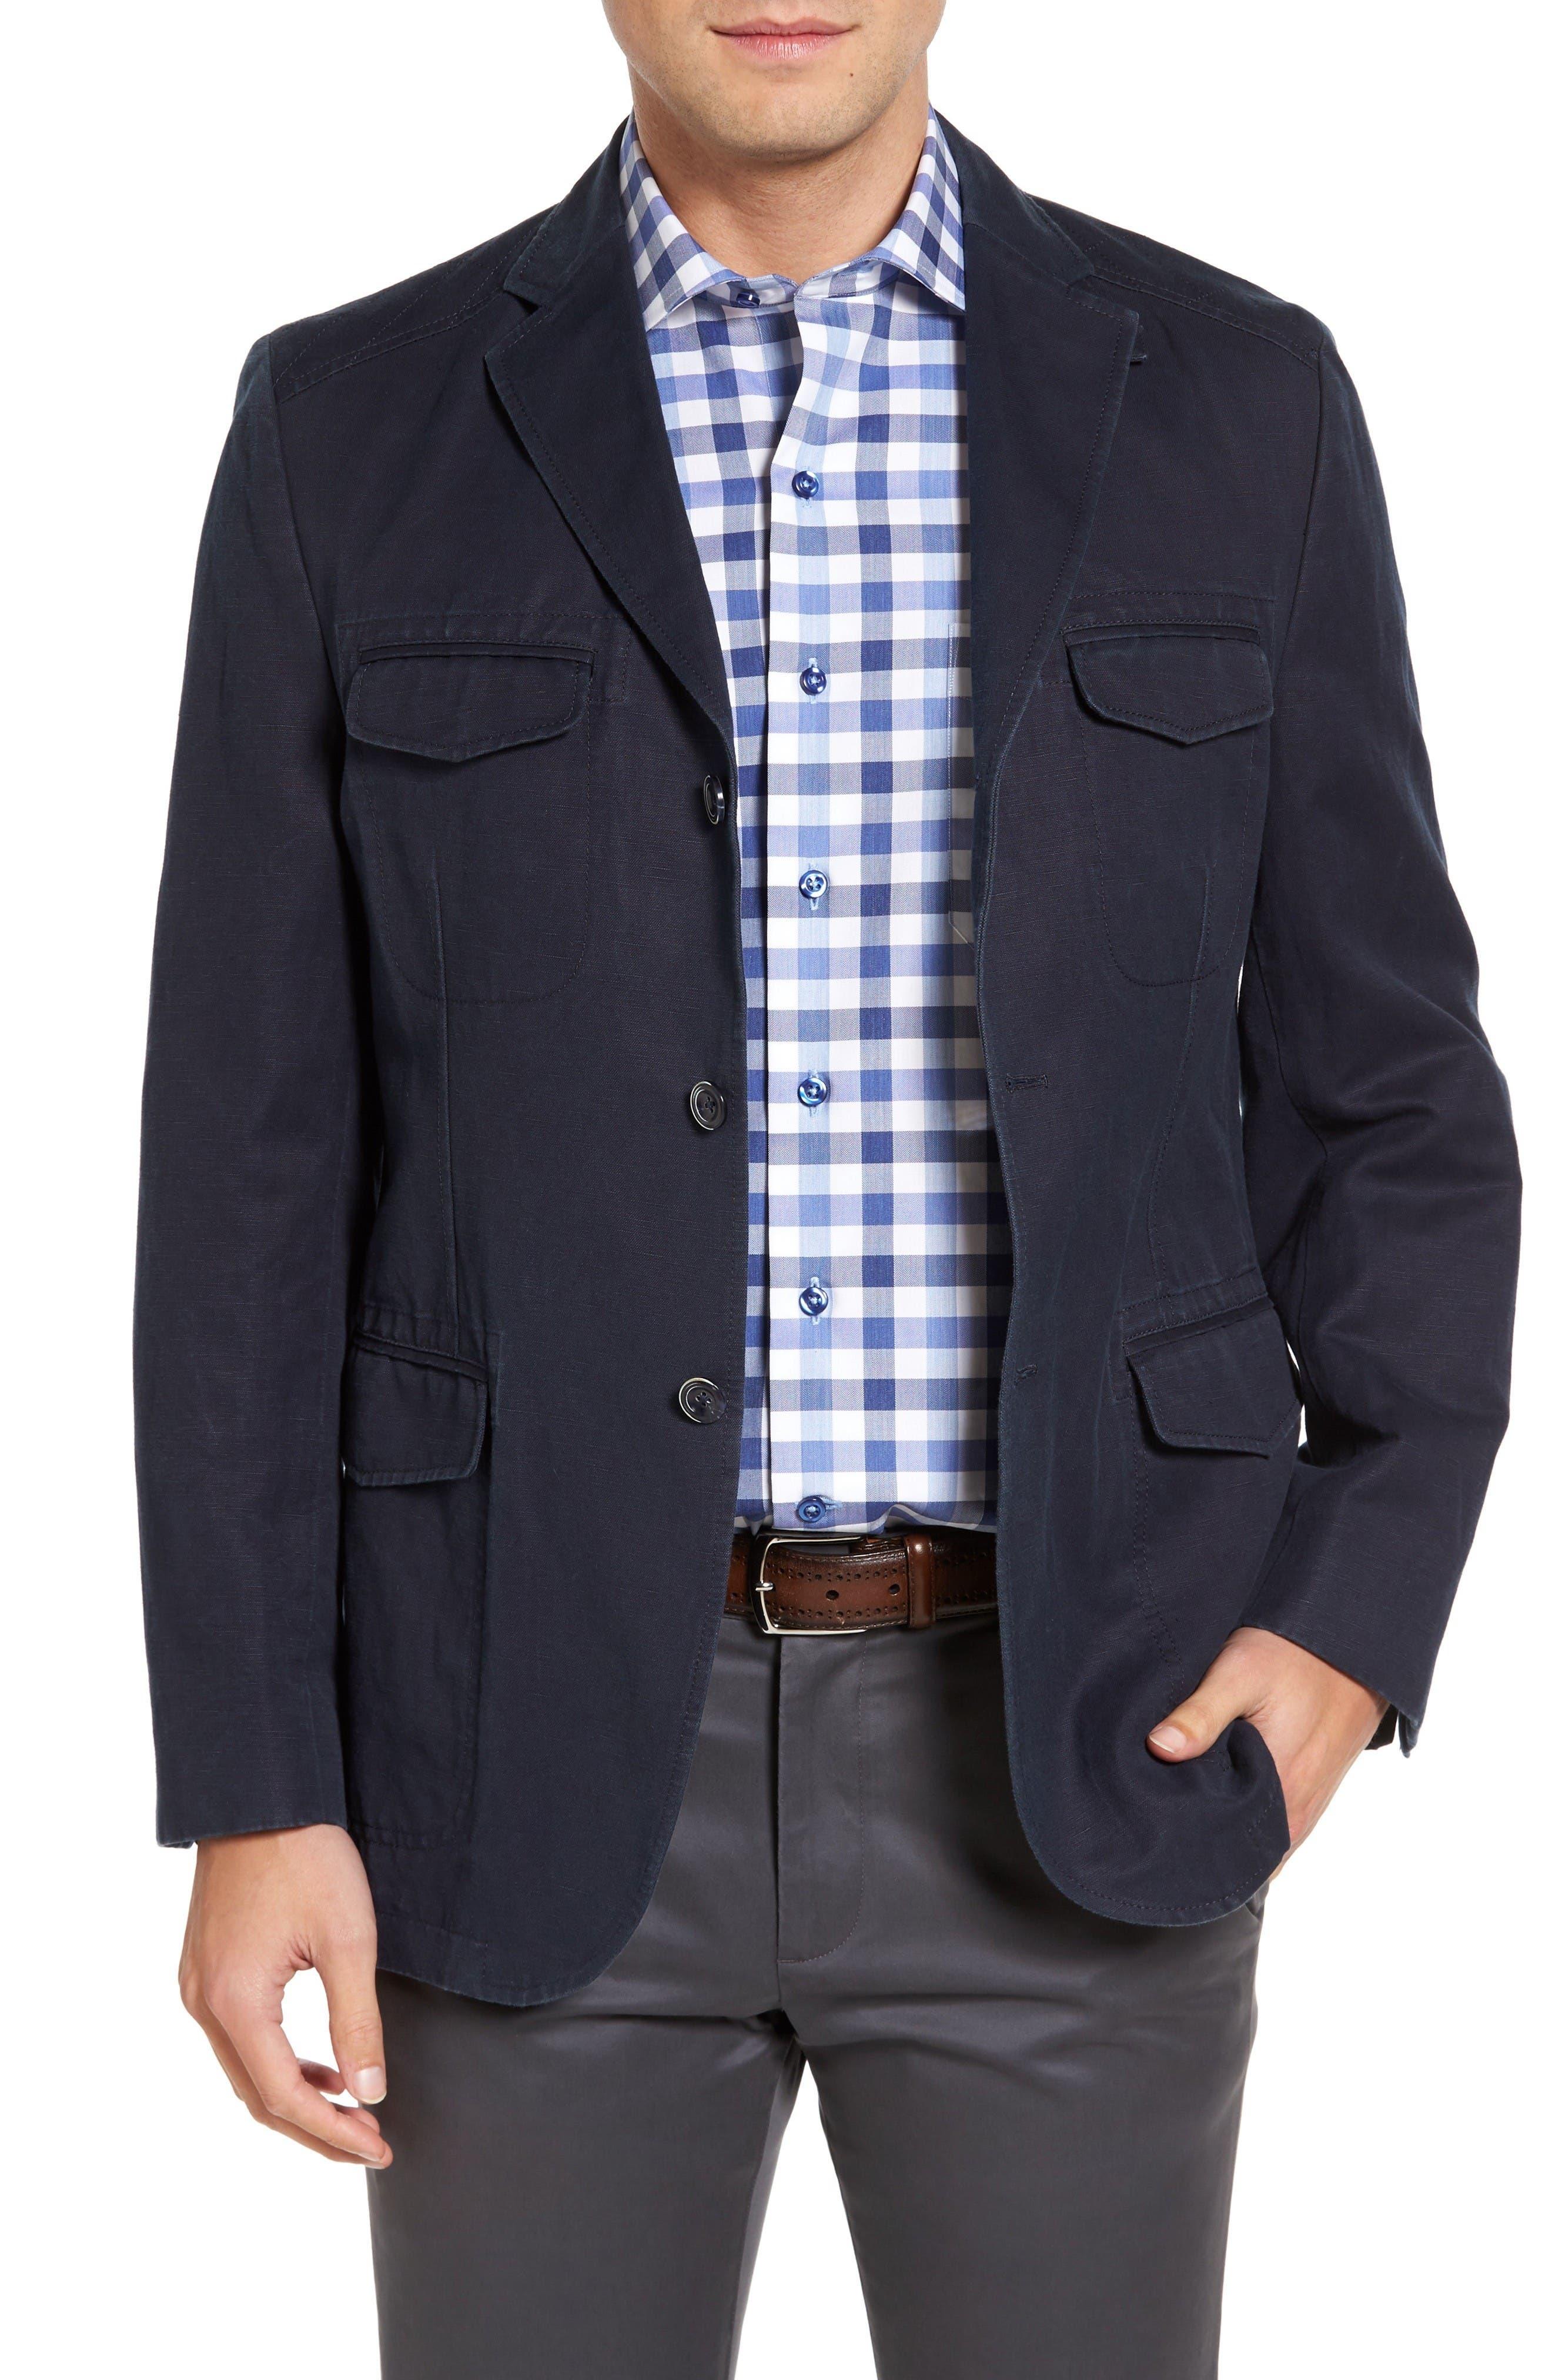 Kroon Hozier Classic Fit Cotton & Linen Blazer